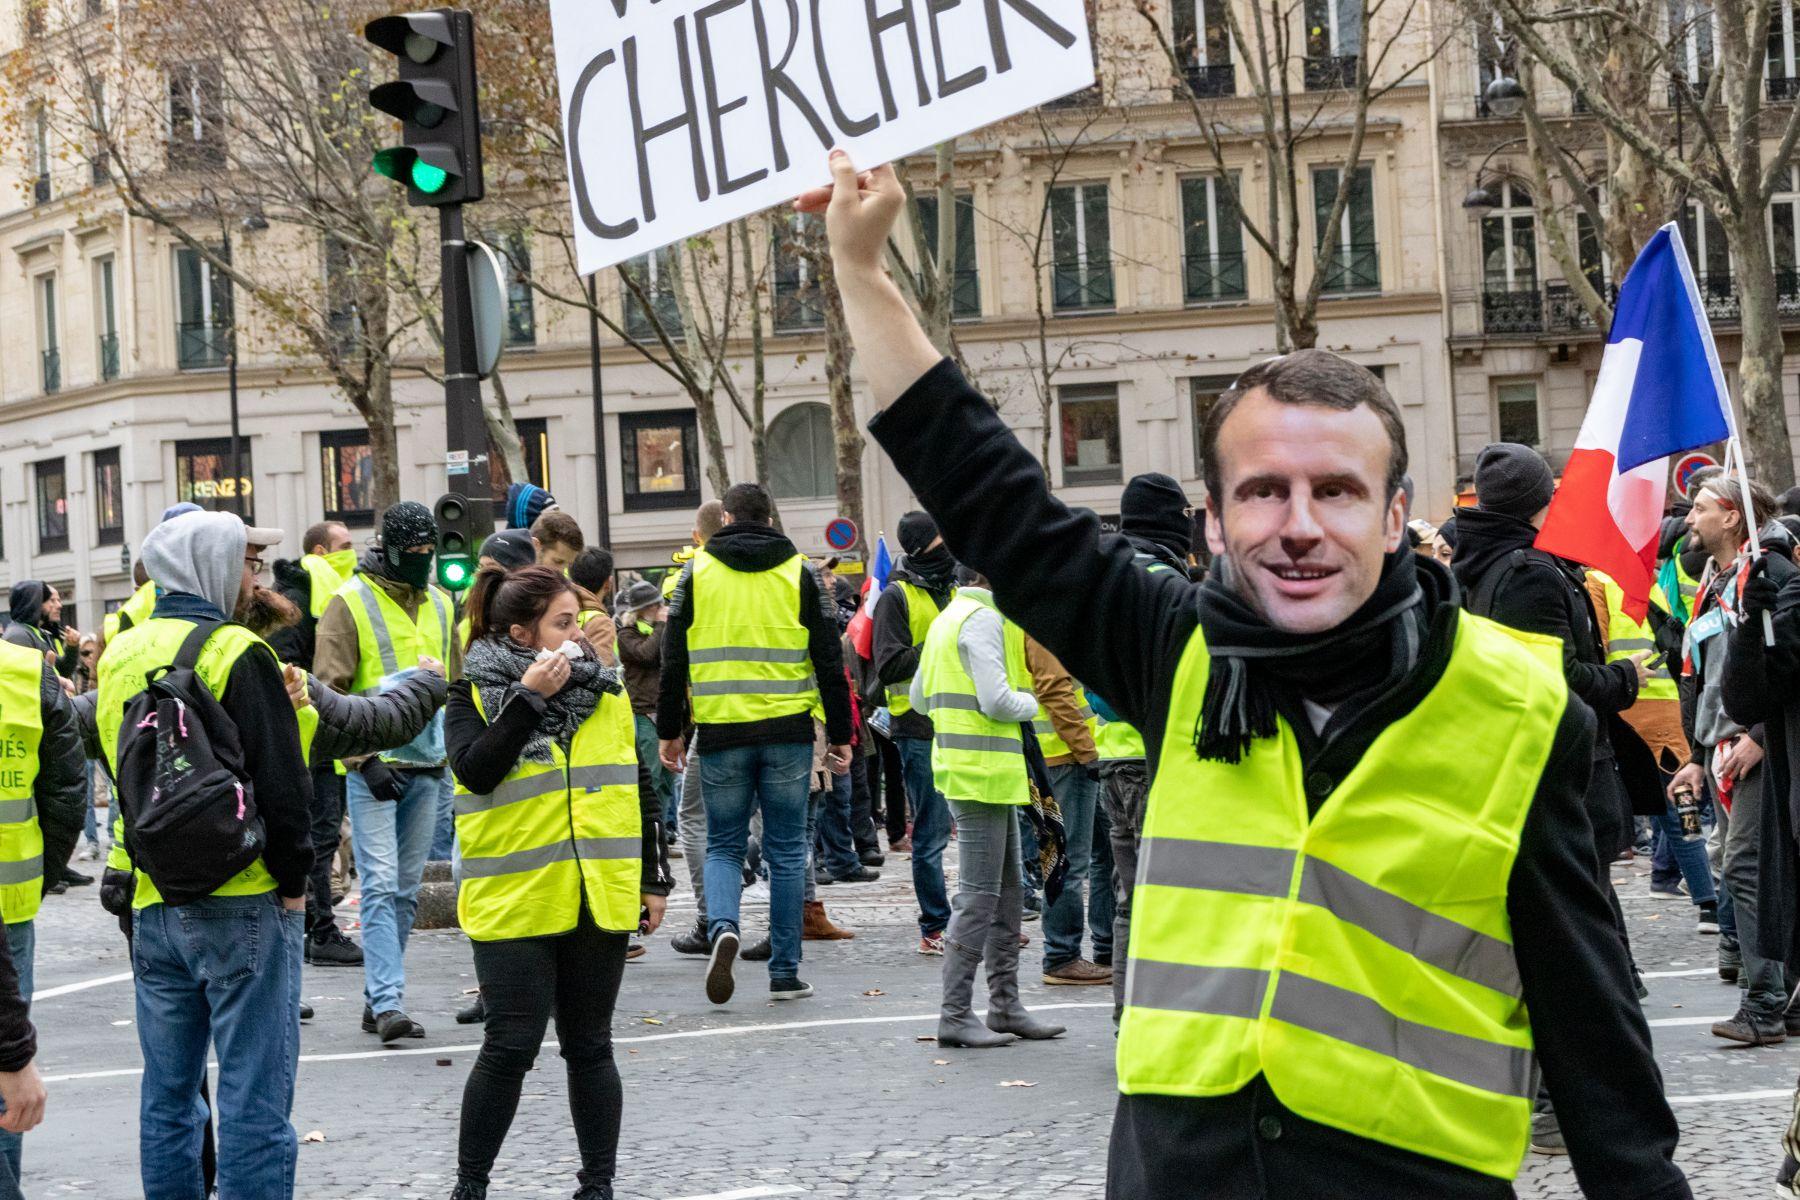 黃背心運動變調為暴動 法國政府考慮進入緊急狀態